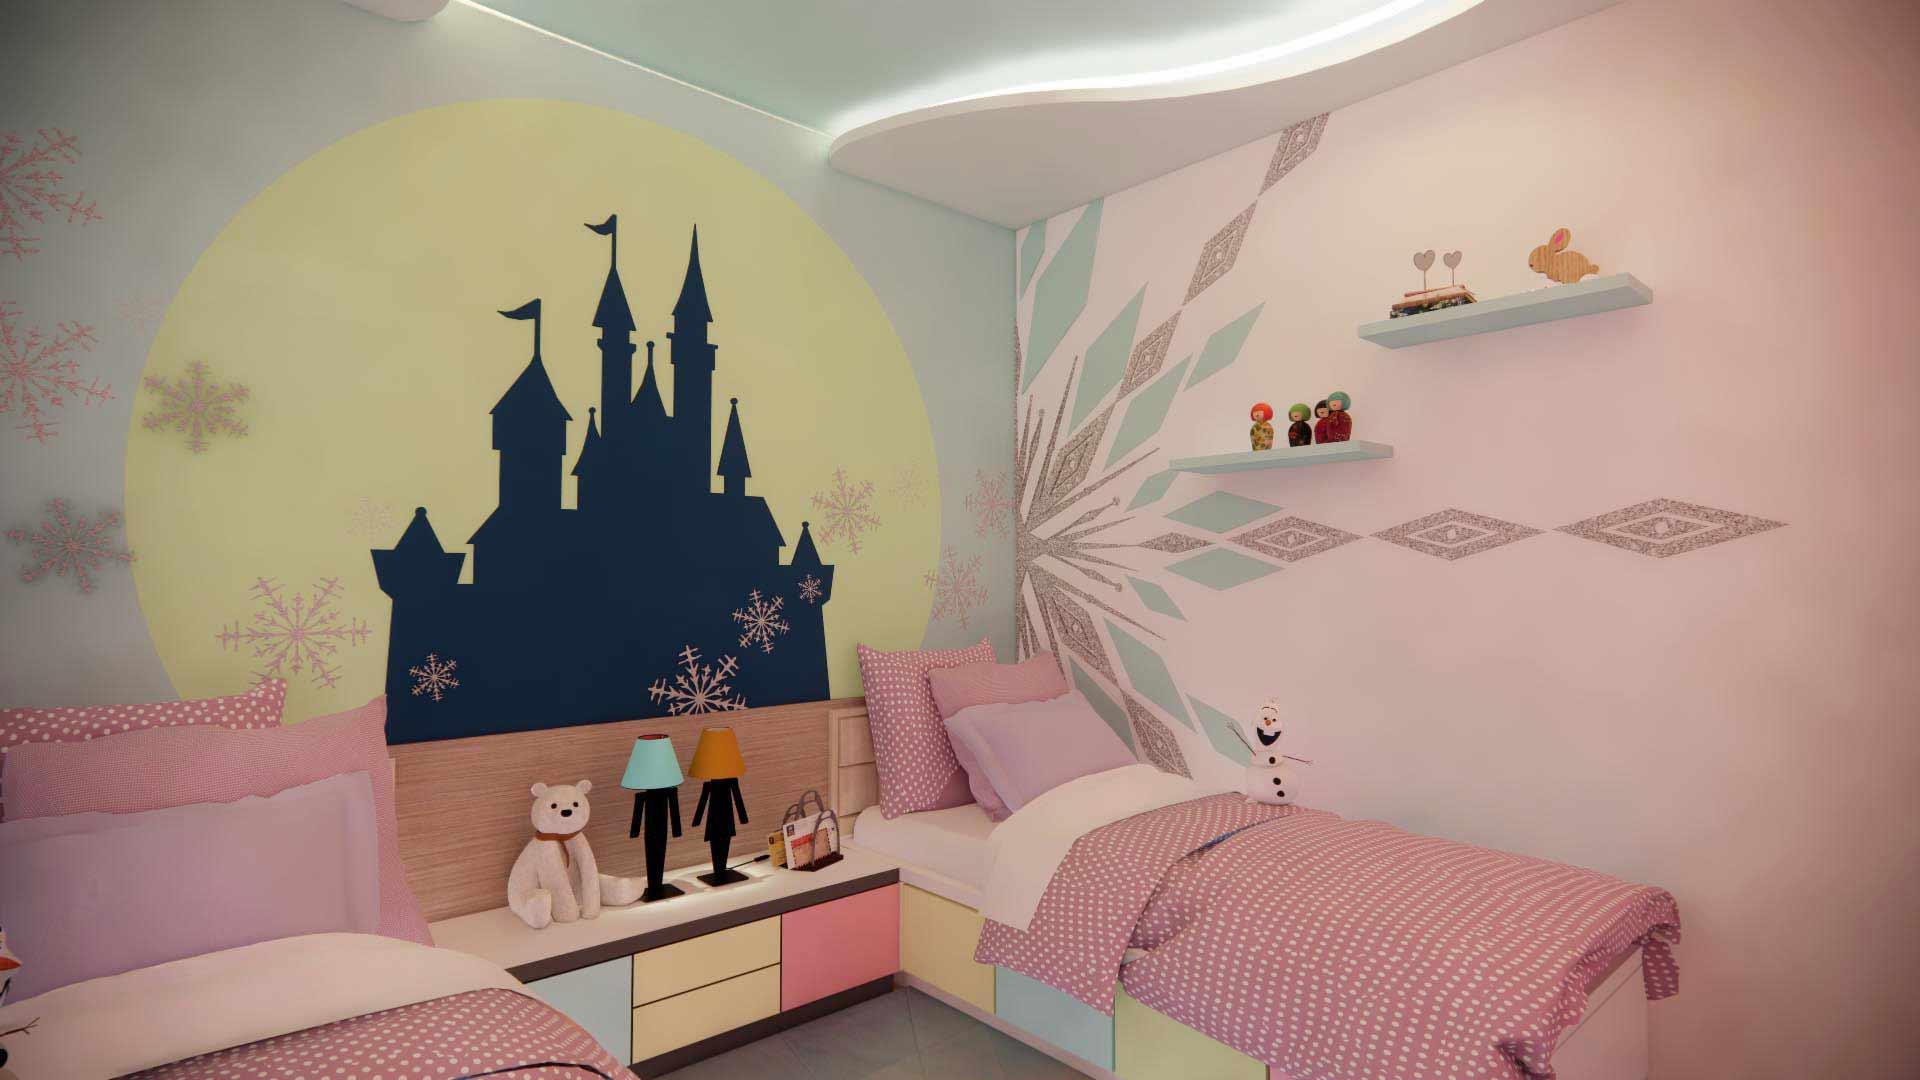 Suasana kamar saat malam hari, ilustrasi dari penulis